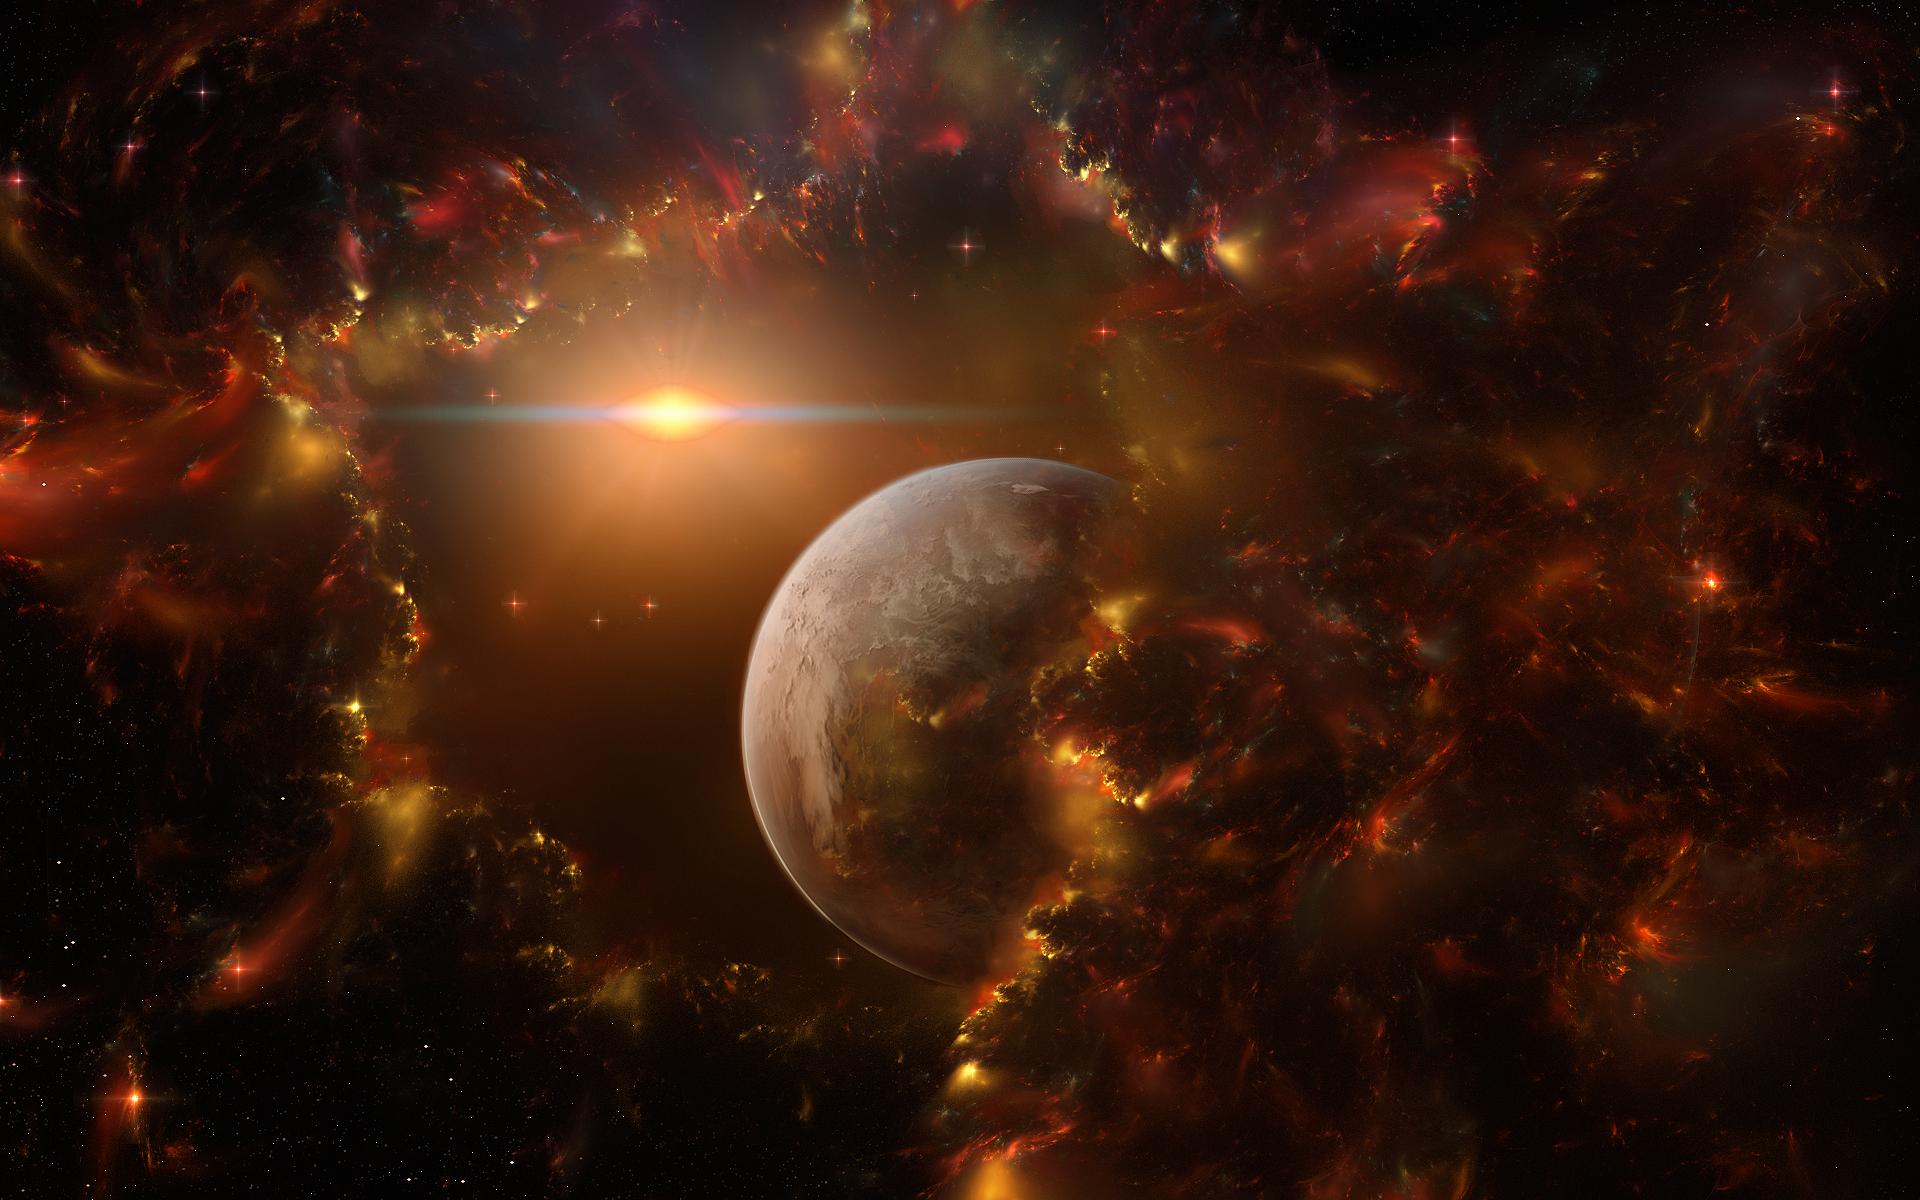 Обои Свечение за планетами картинки на рабочий стол на тему Космос - скачать  № 1772785  скачать